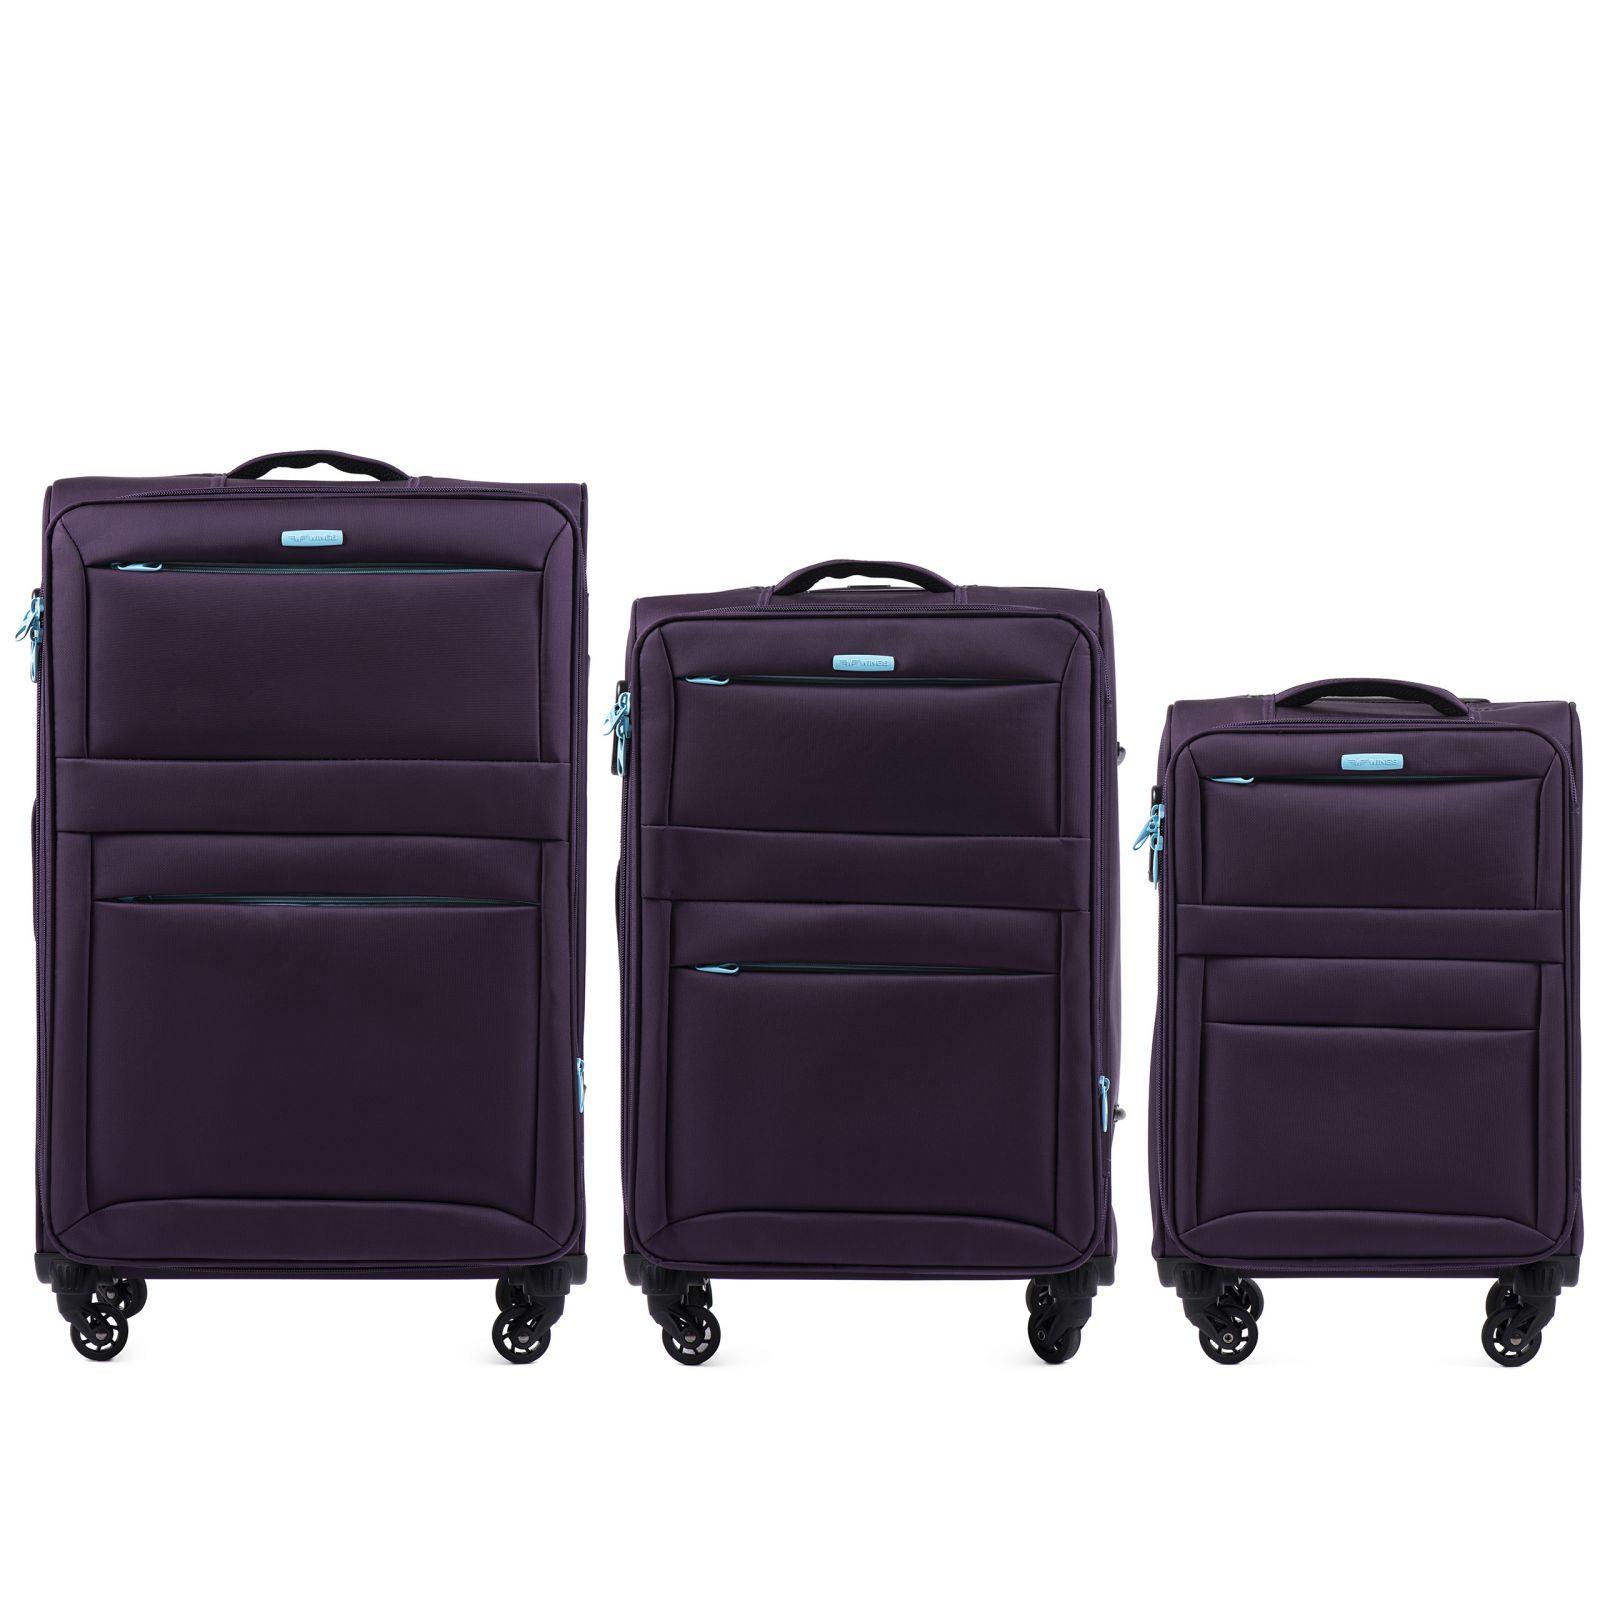 Sada 3 textilních kufrů WINGS 2861 PURPLE L/M/S